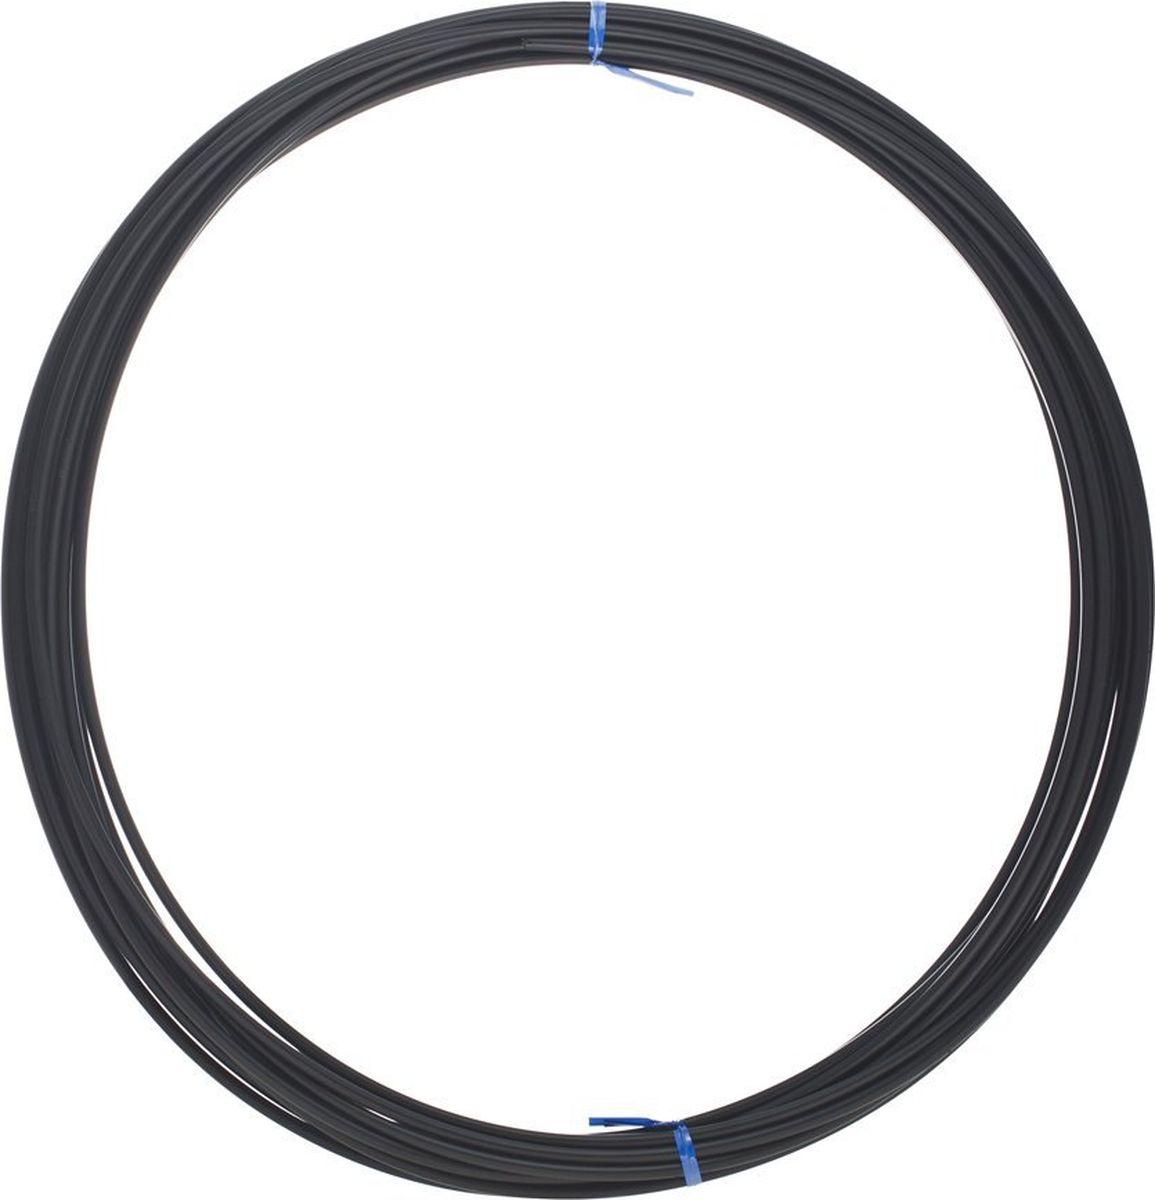 Оплетка переключения Shimano SP41, 10 м, цв. черный